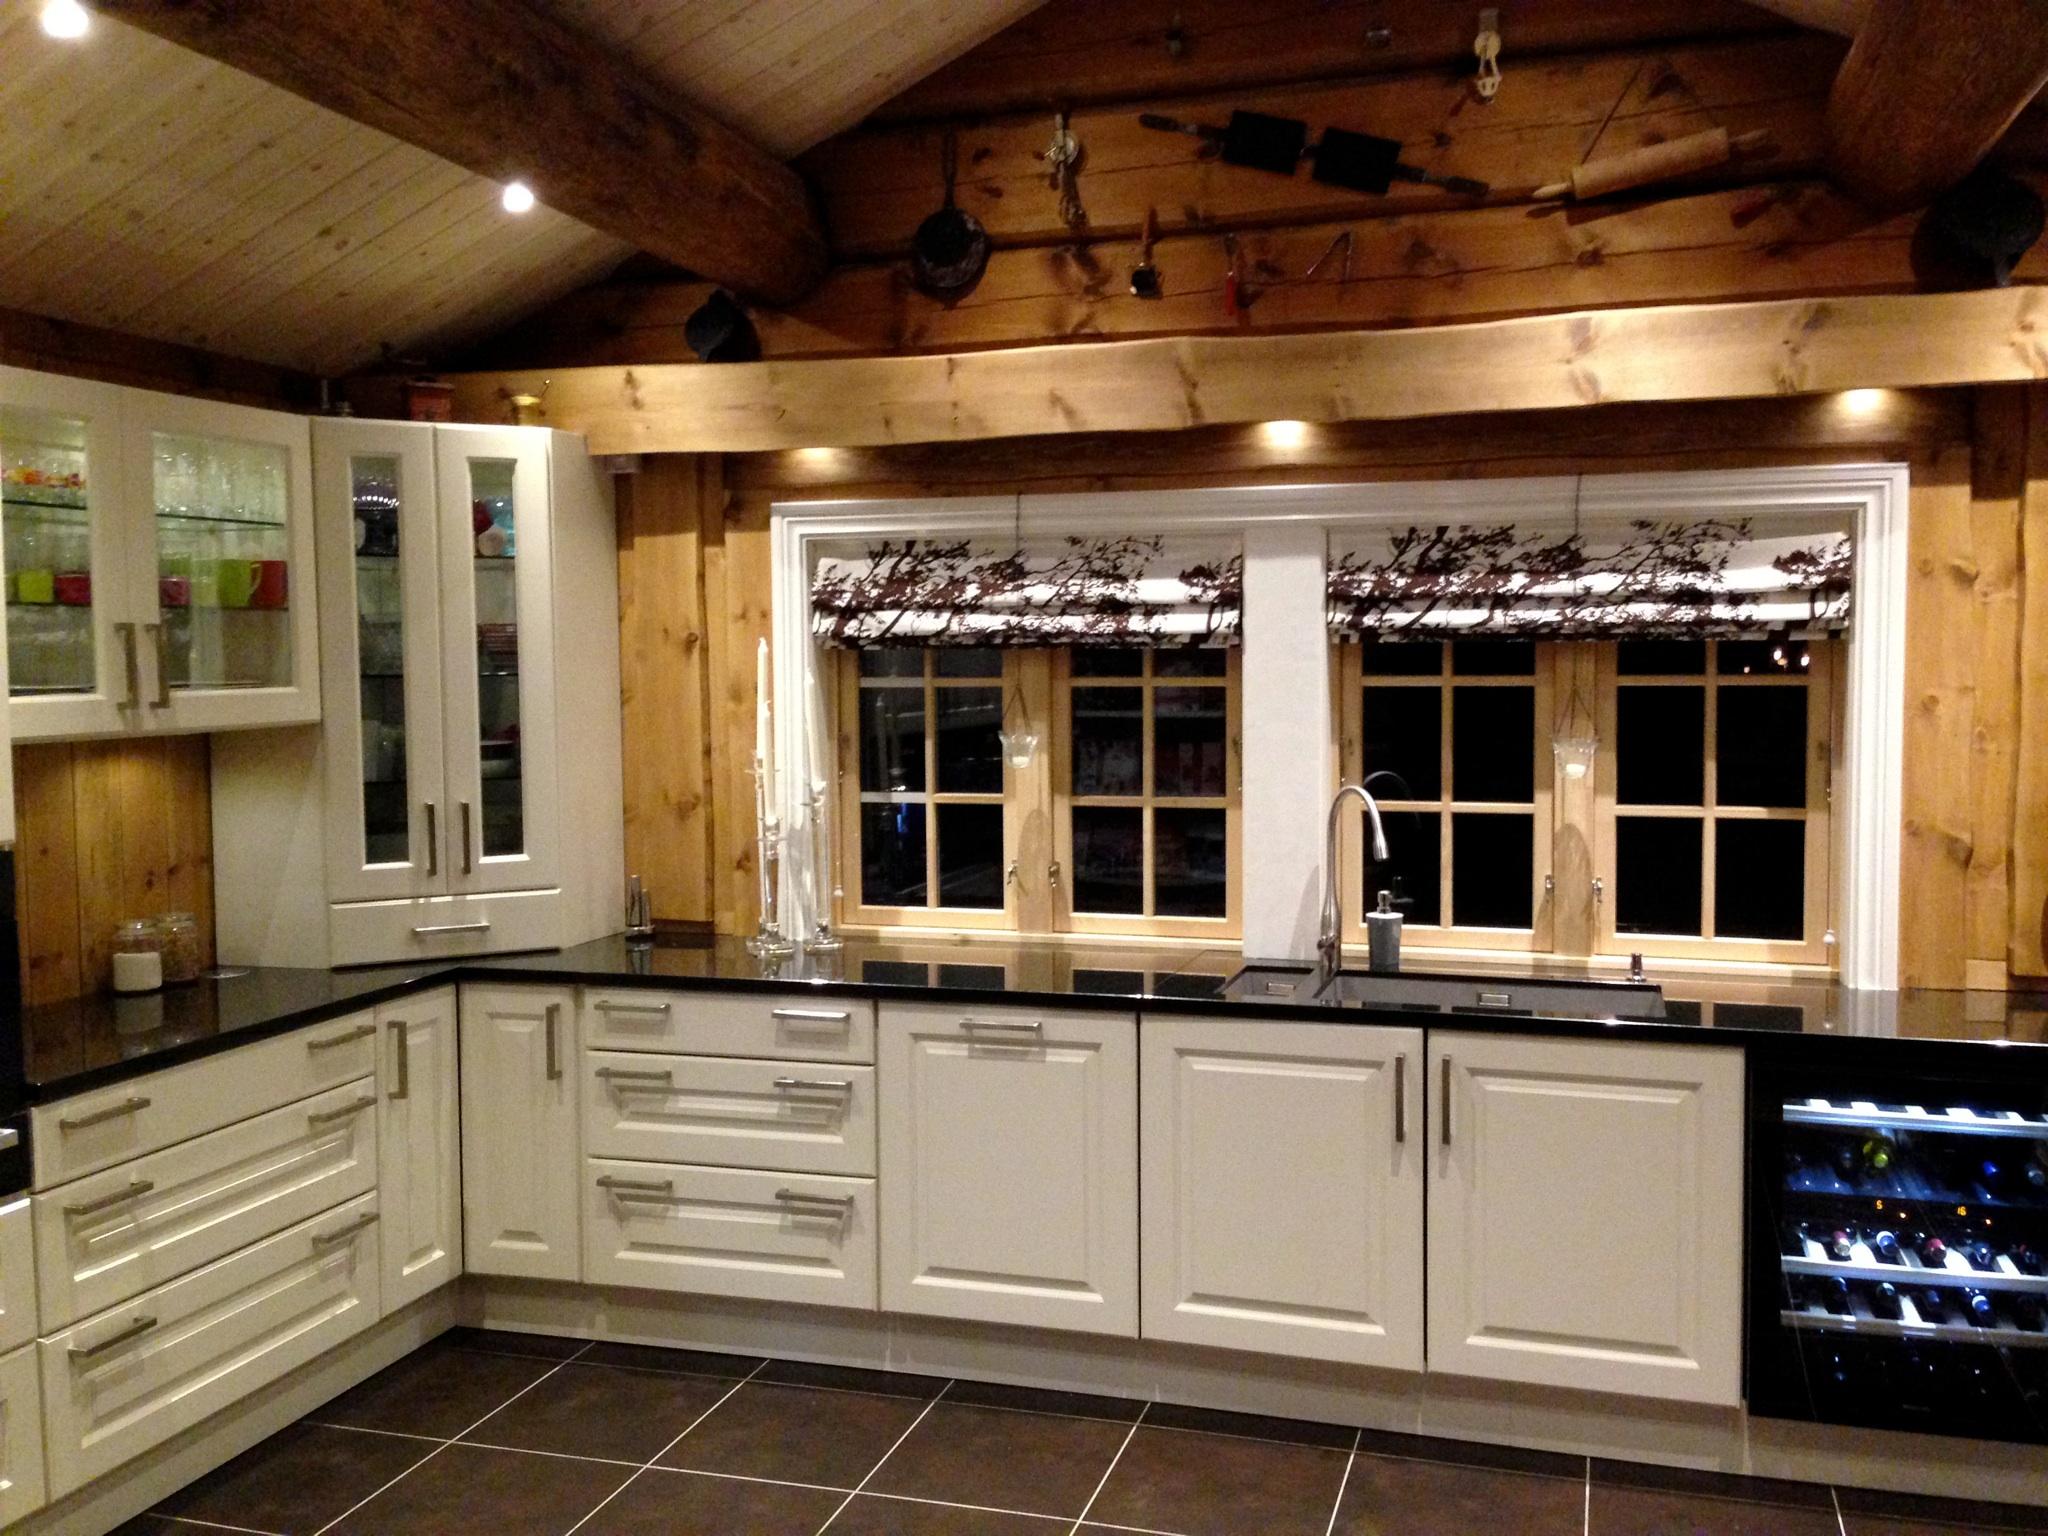 kbidesign.no - bilde av kjøkken med hvite fronter.